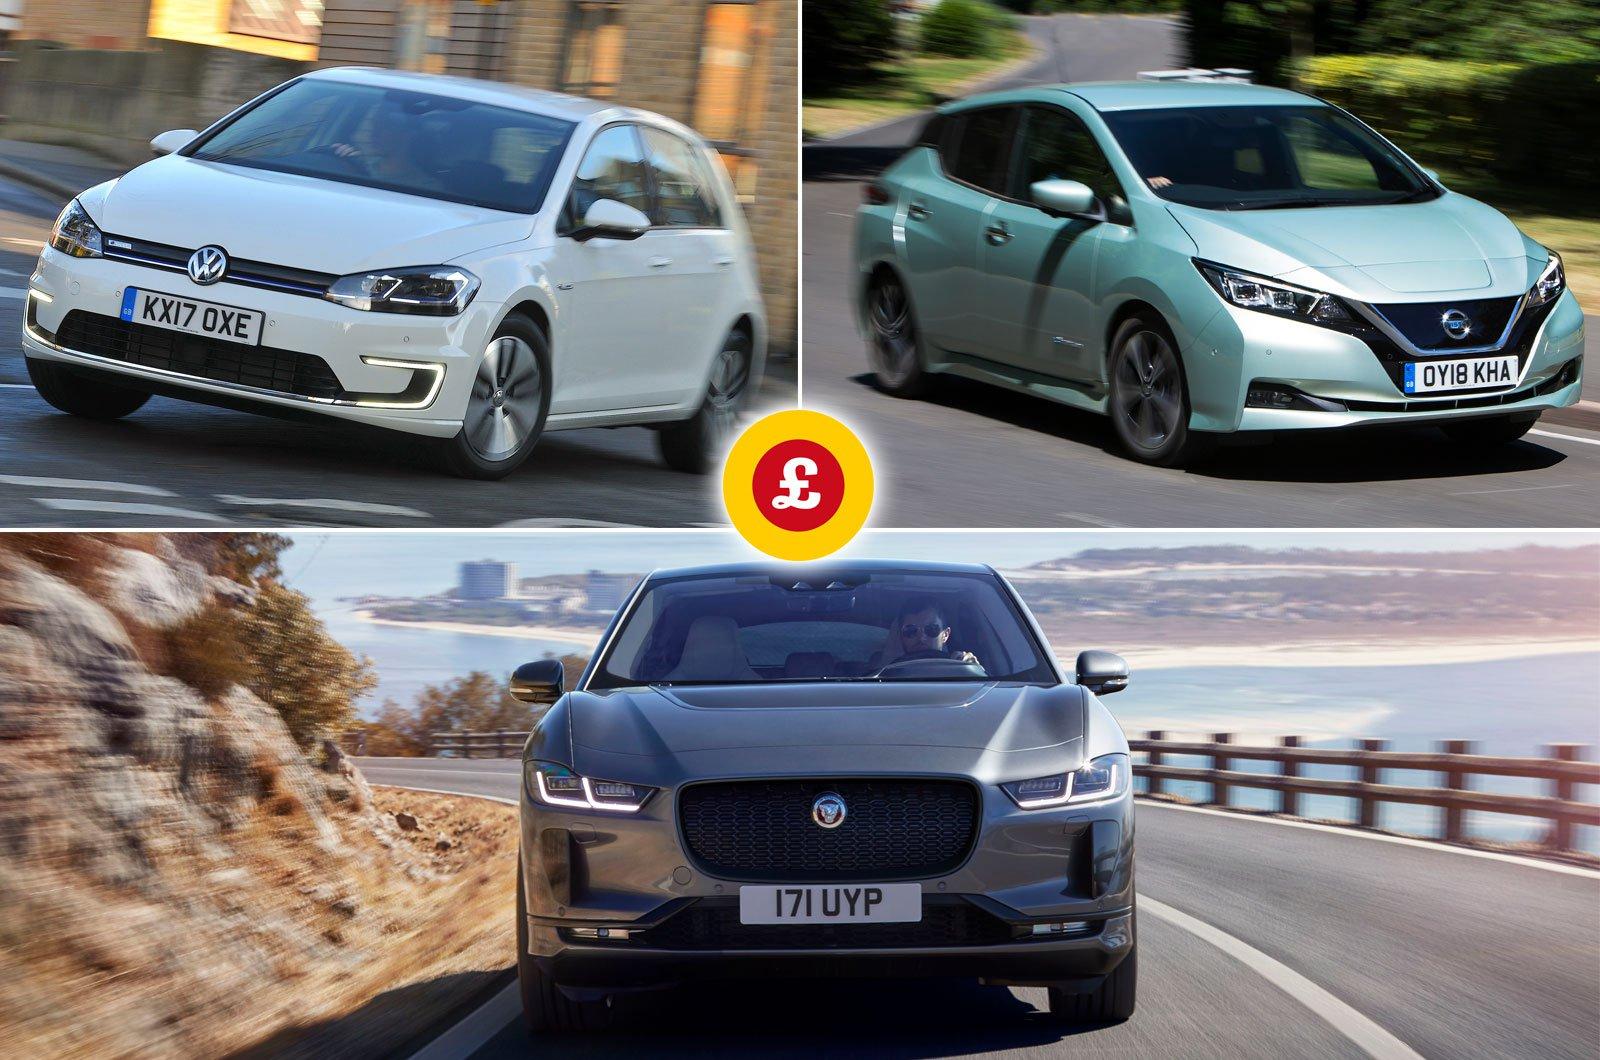 Jaguar I-Pace, Volkswagen e-Golf, Nissan Leaf